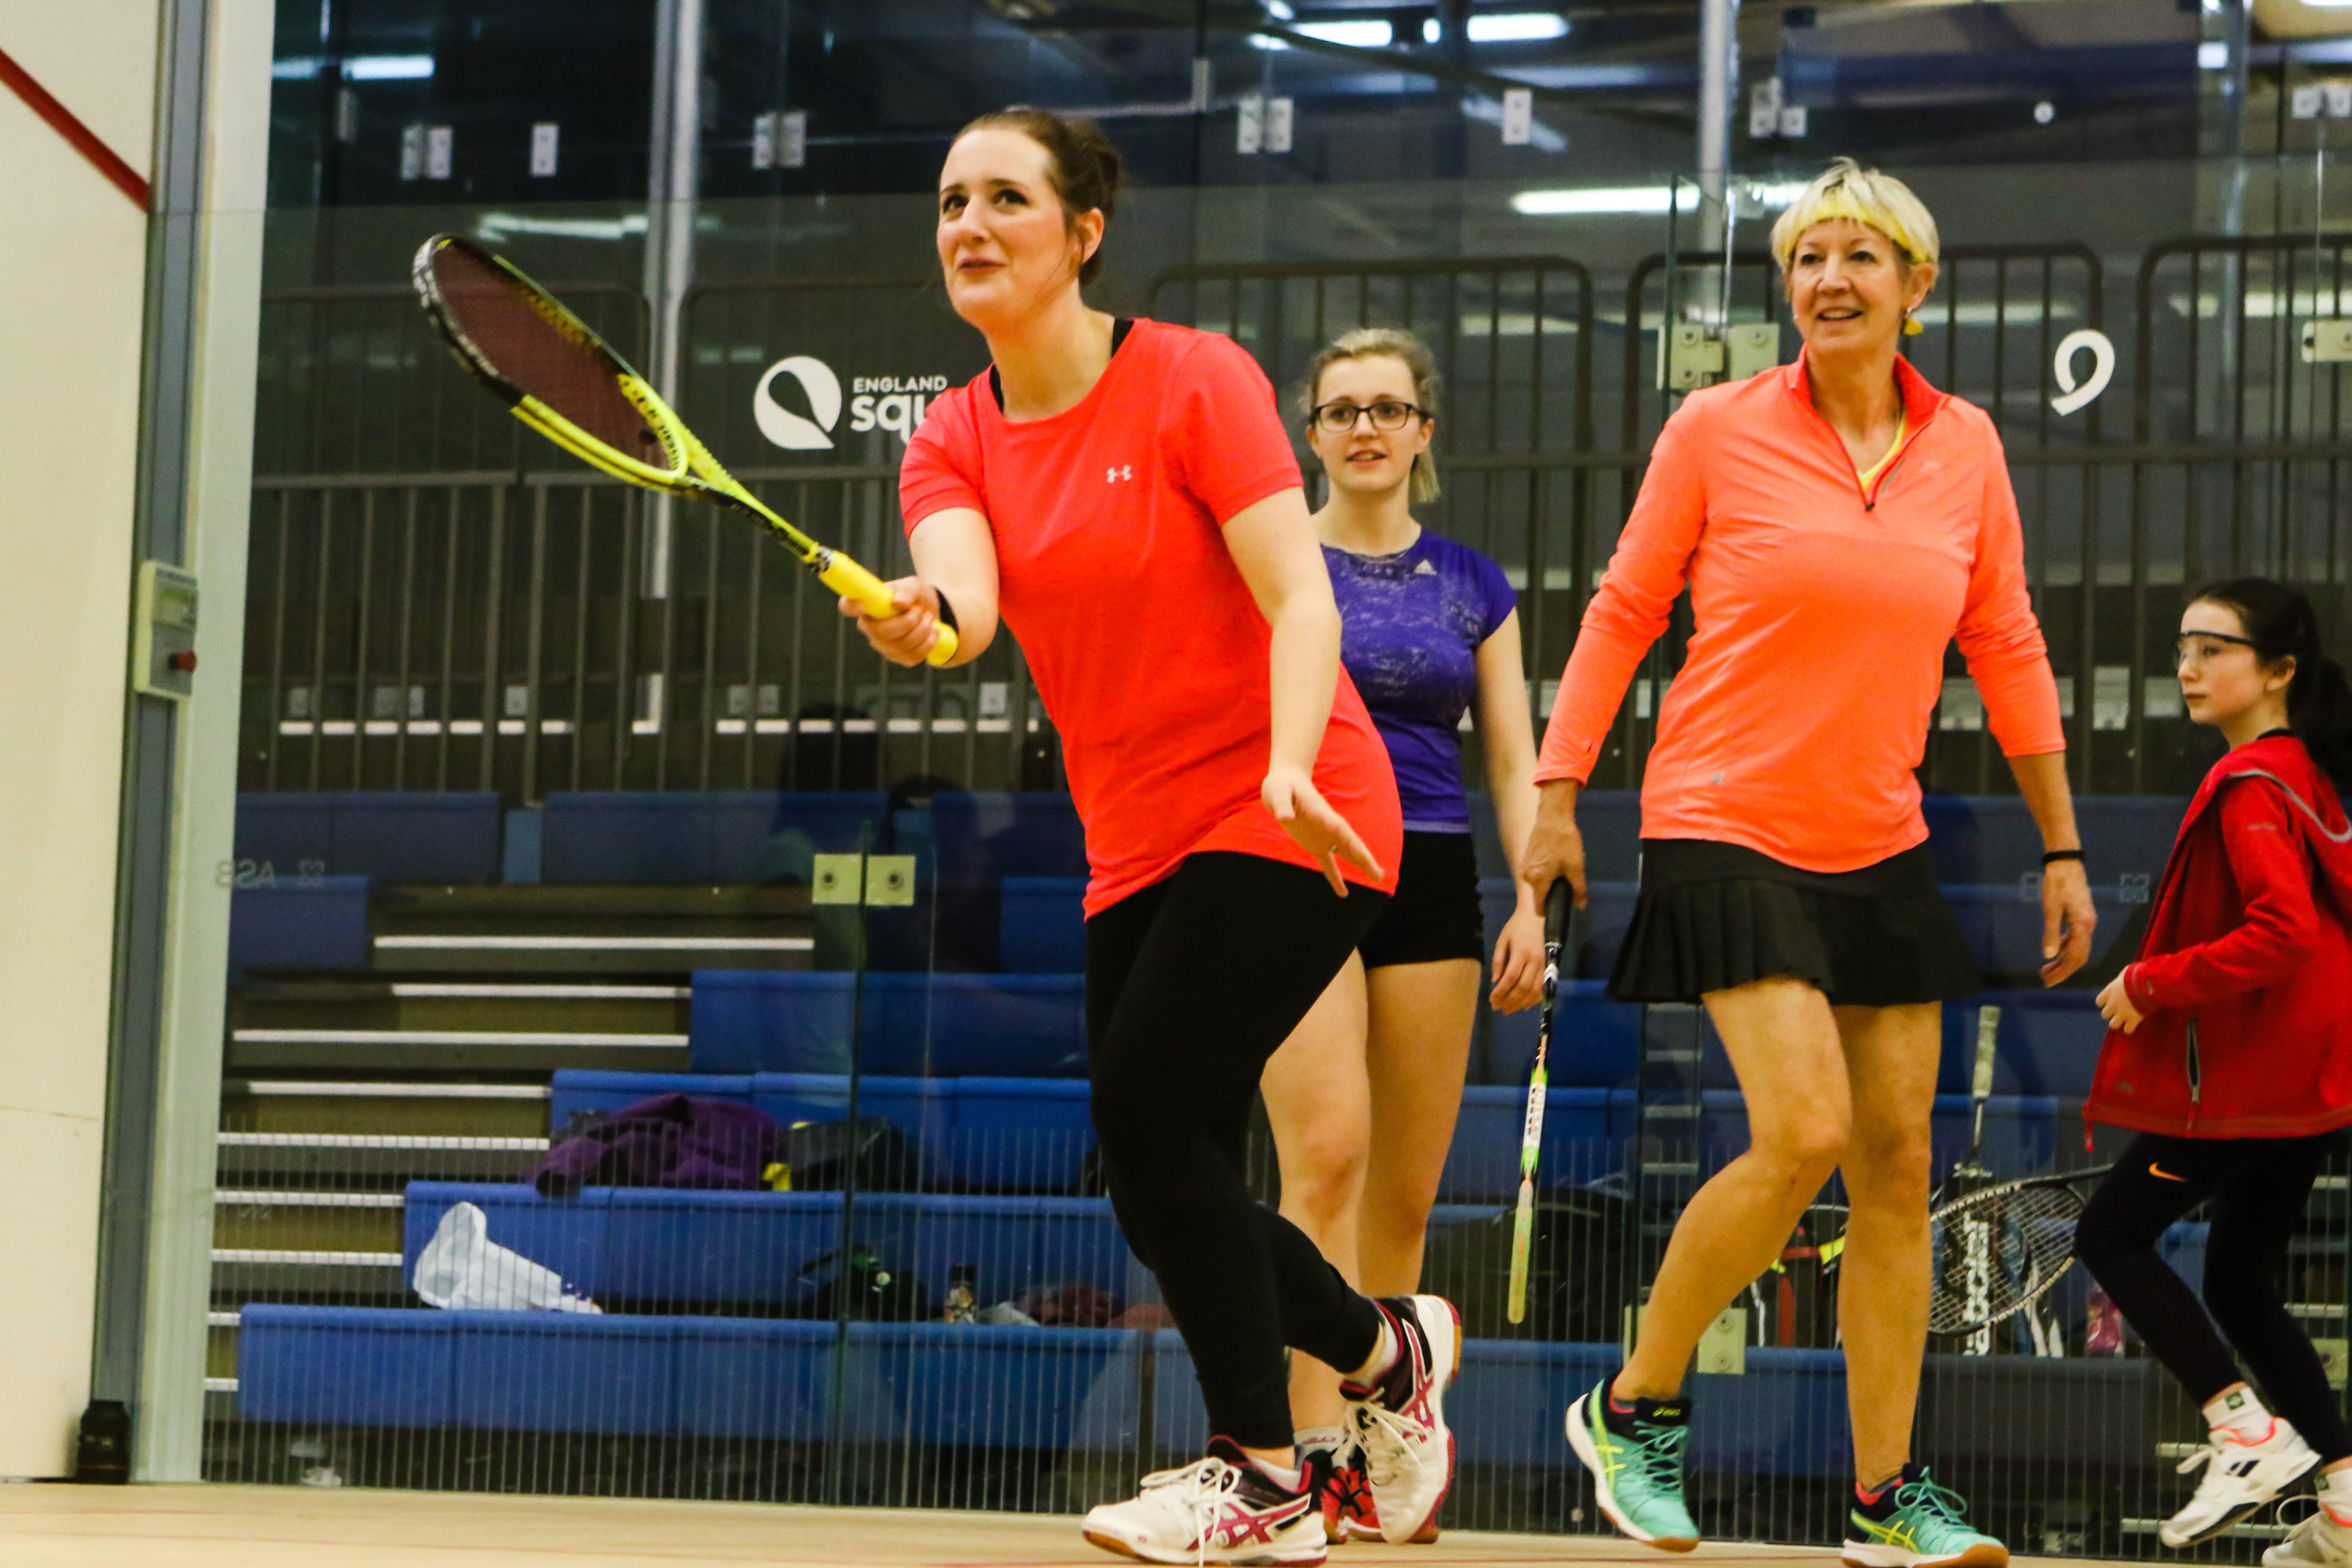 Squash girl hitting the ball